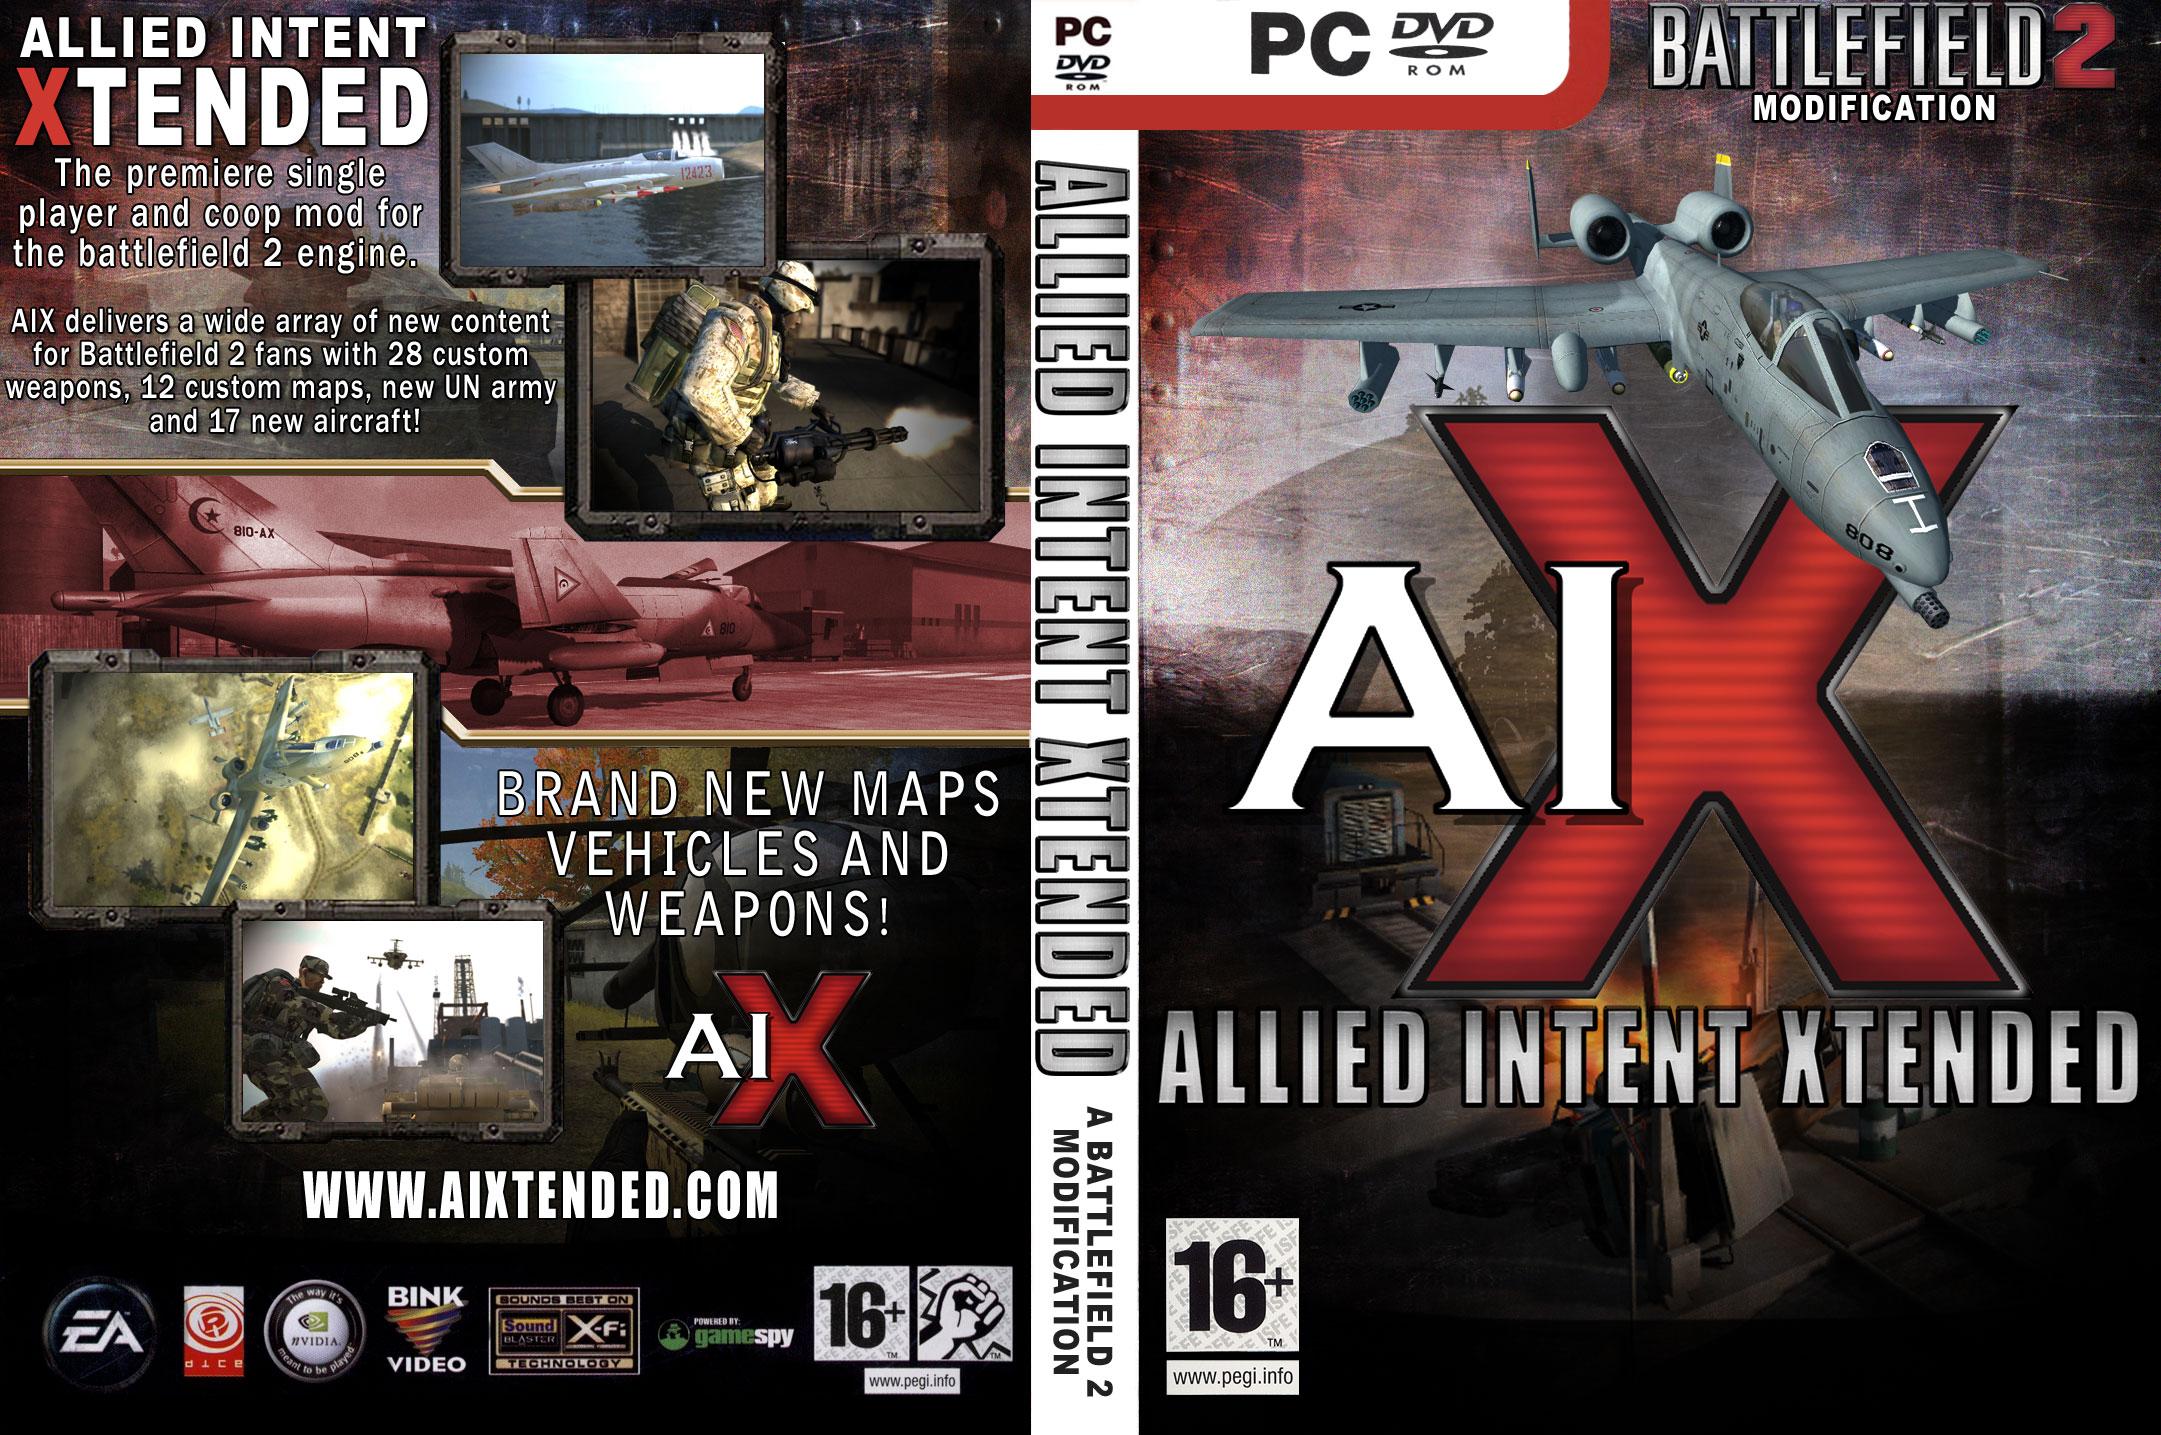 Battlefield 2 Allied Intent Торрент